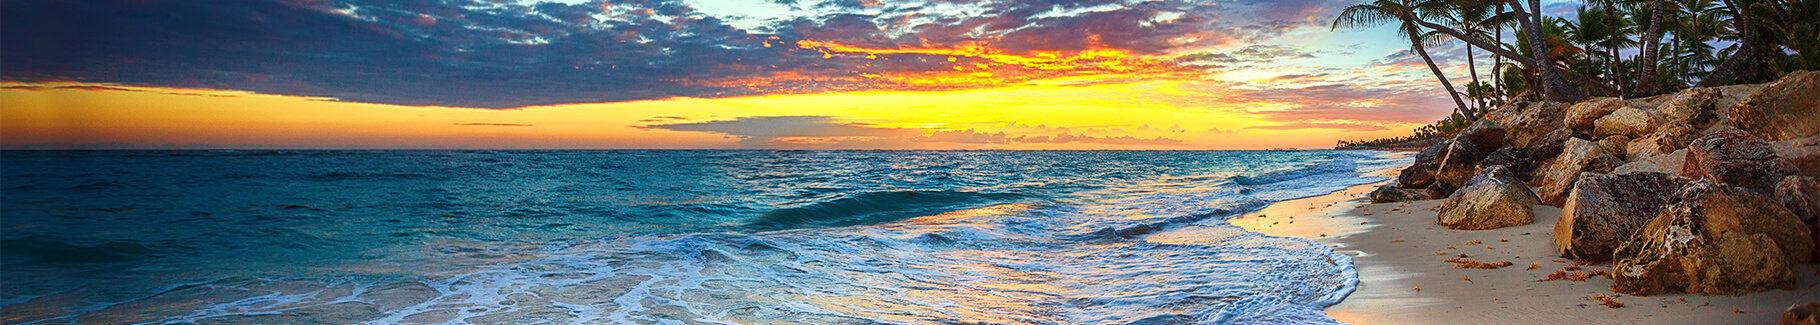 Plakat morze i zachodzące słońce